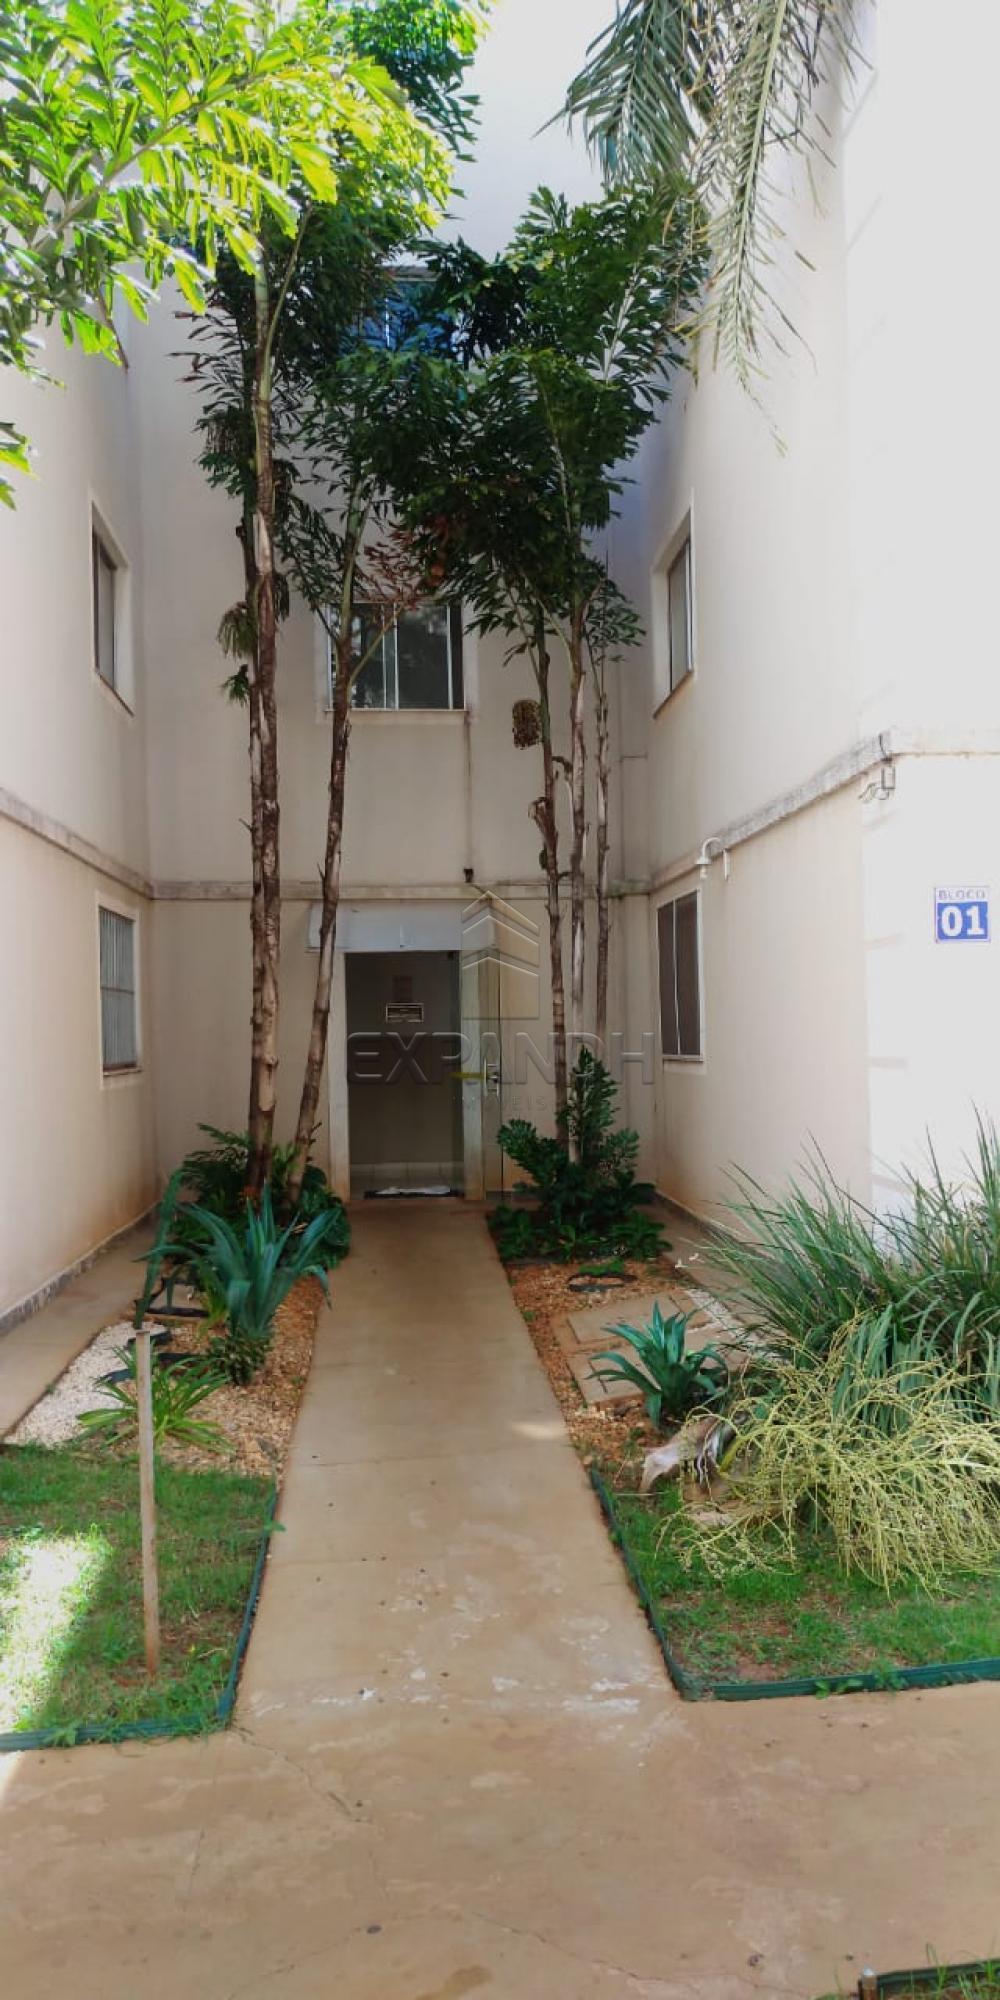 Comprar Apartamentos / Padrão em Sertãozinho R$ 148.000,00 - Foto 3